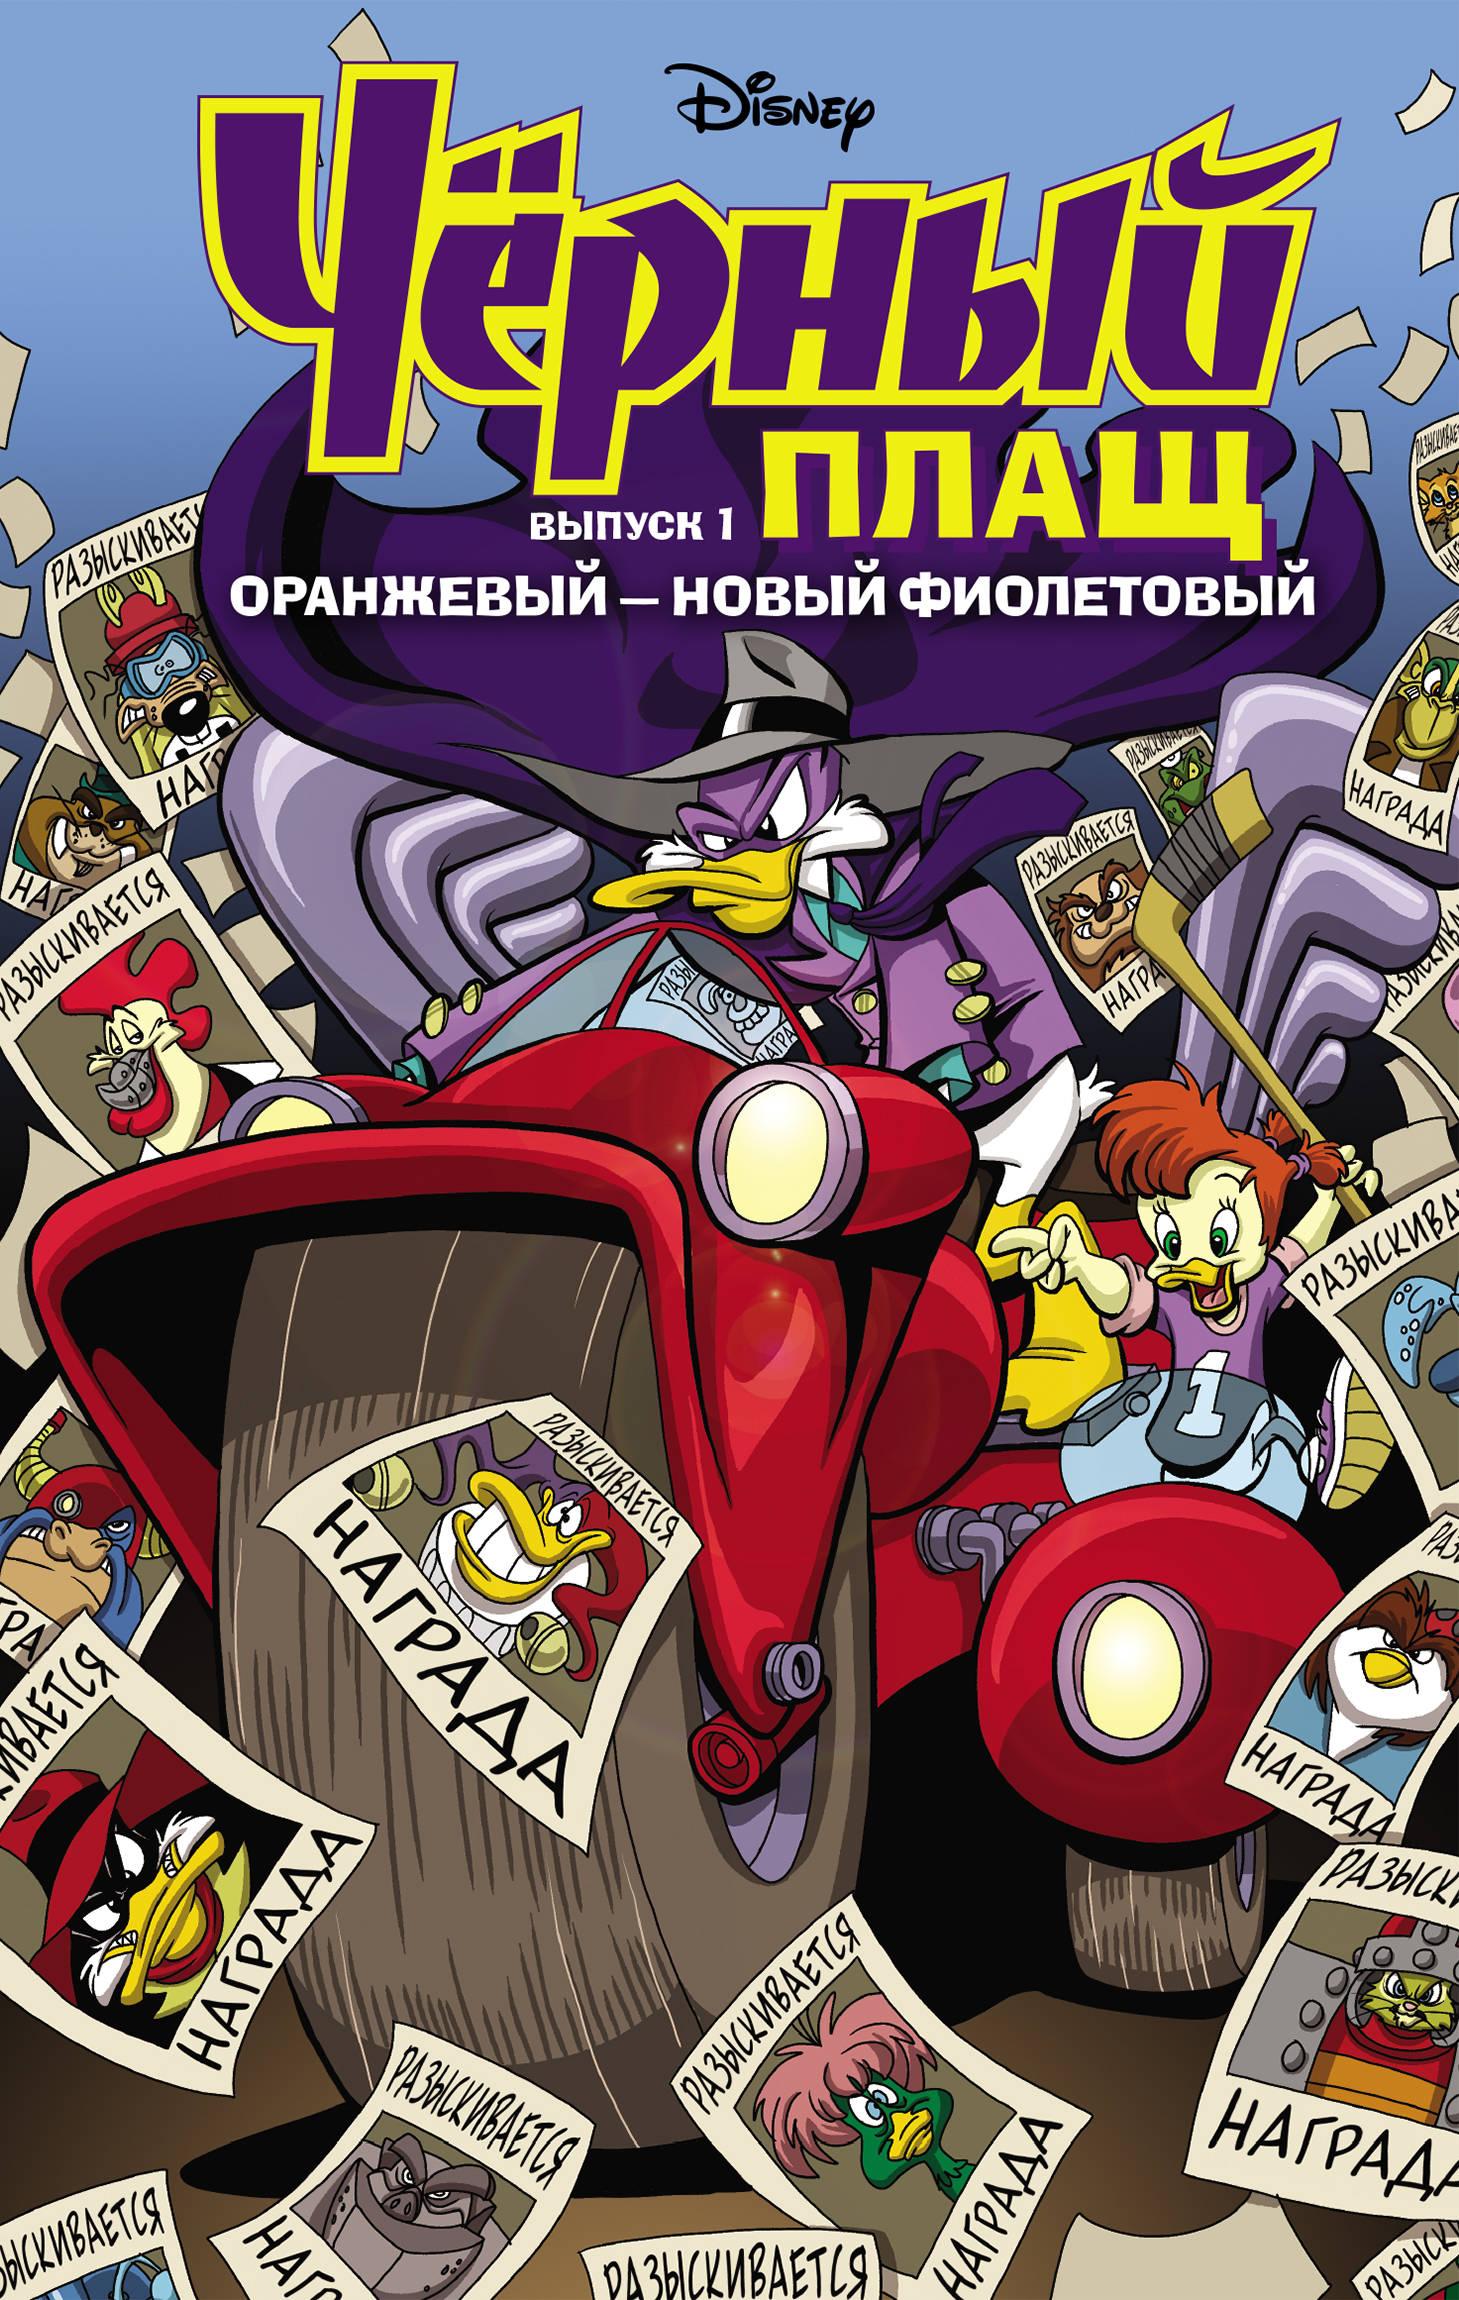 Chjornyj Plasch. Oranzhevyj - novyj fioletovyj. Komiks. Vyp. 1